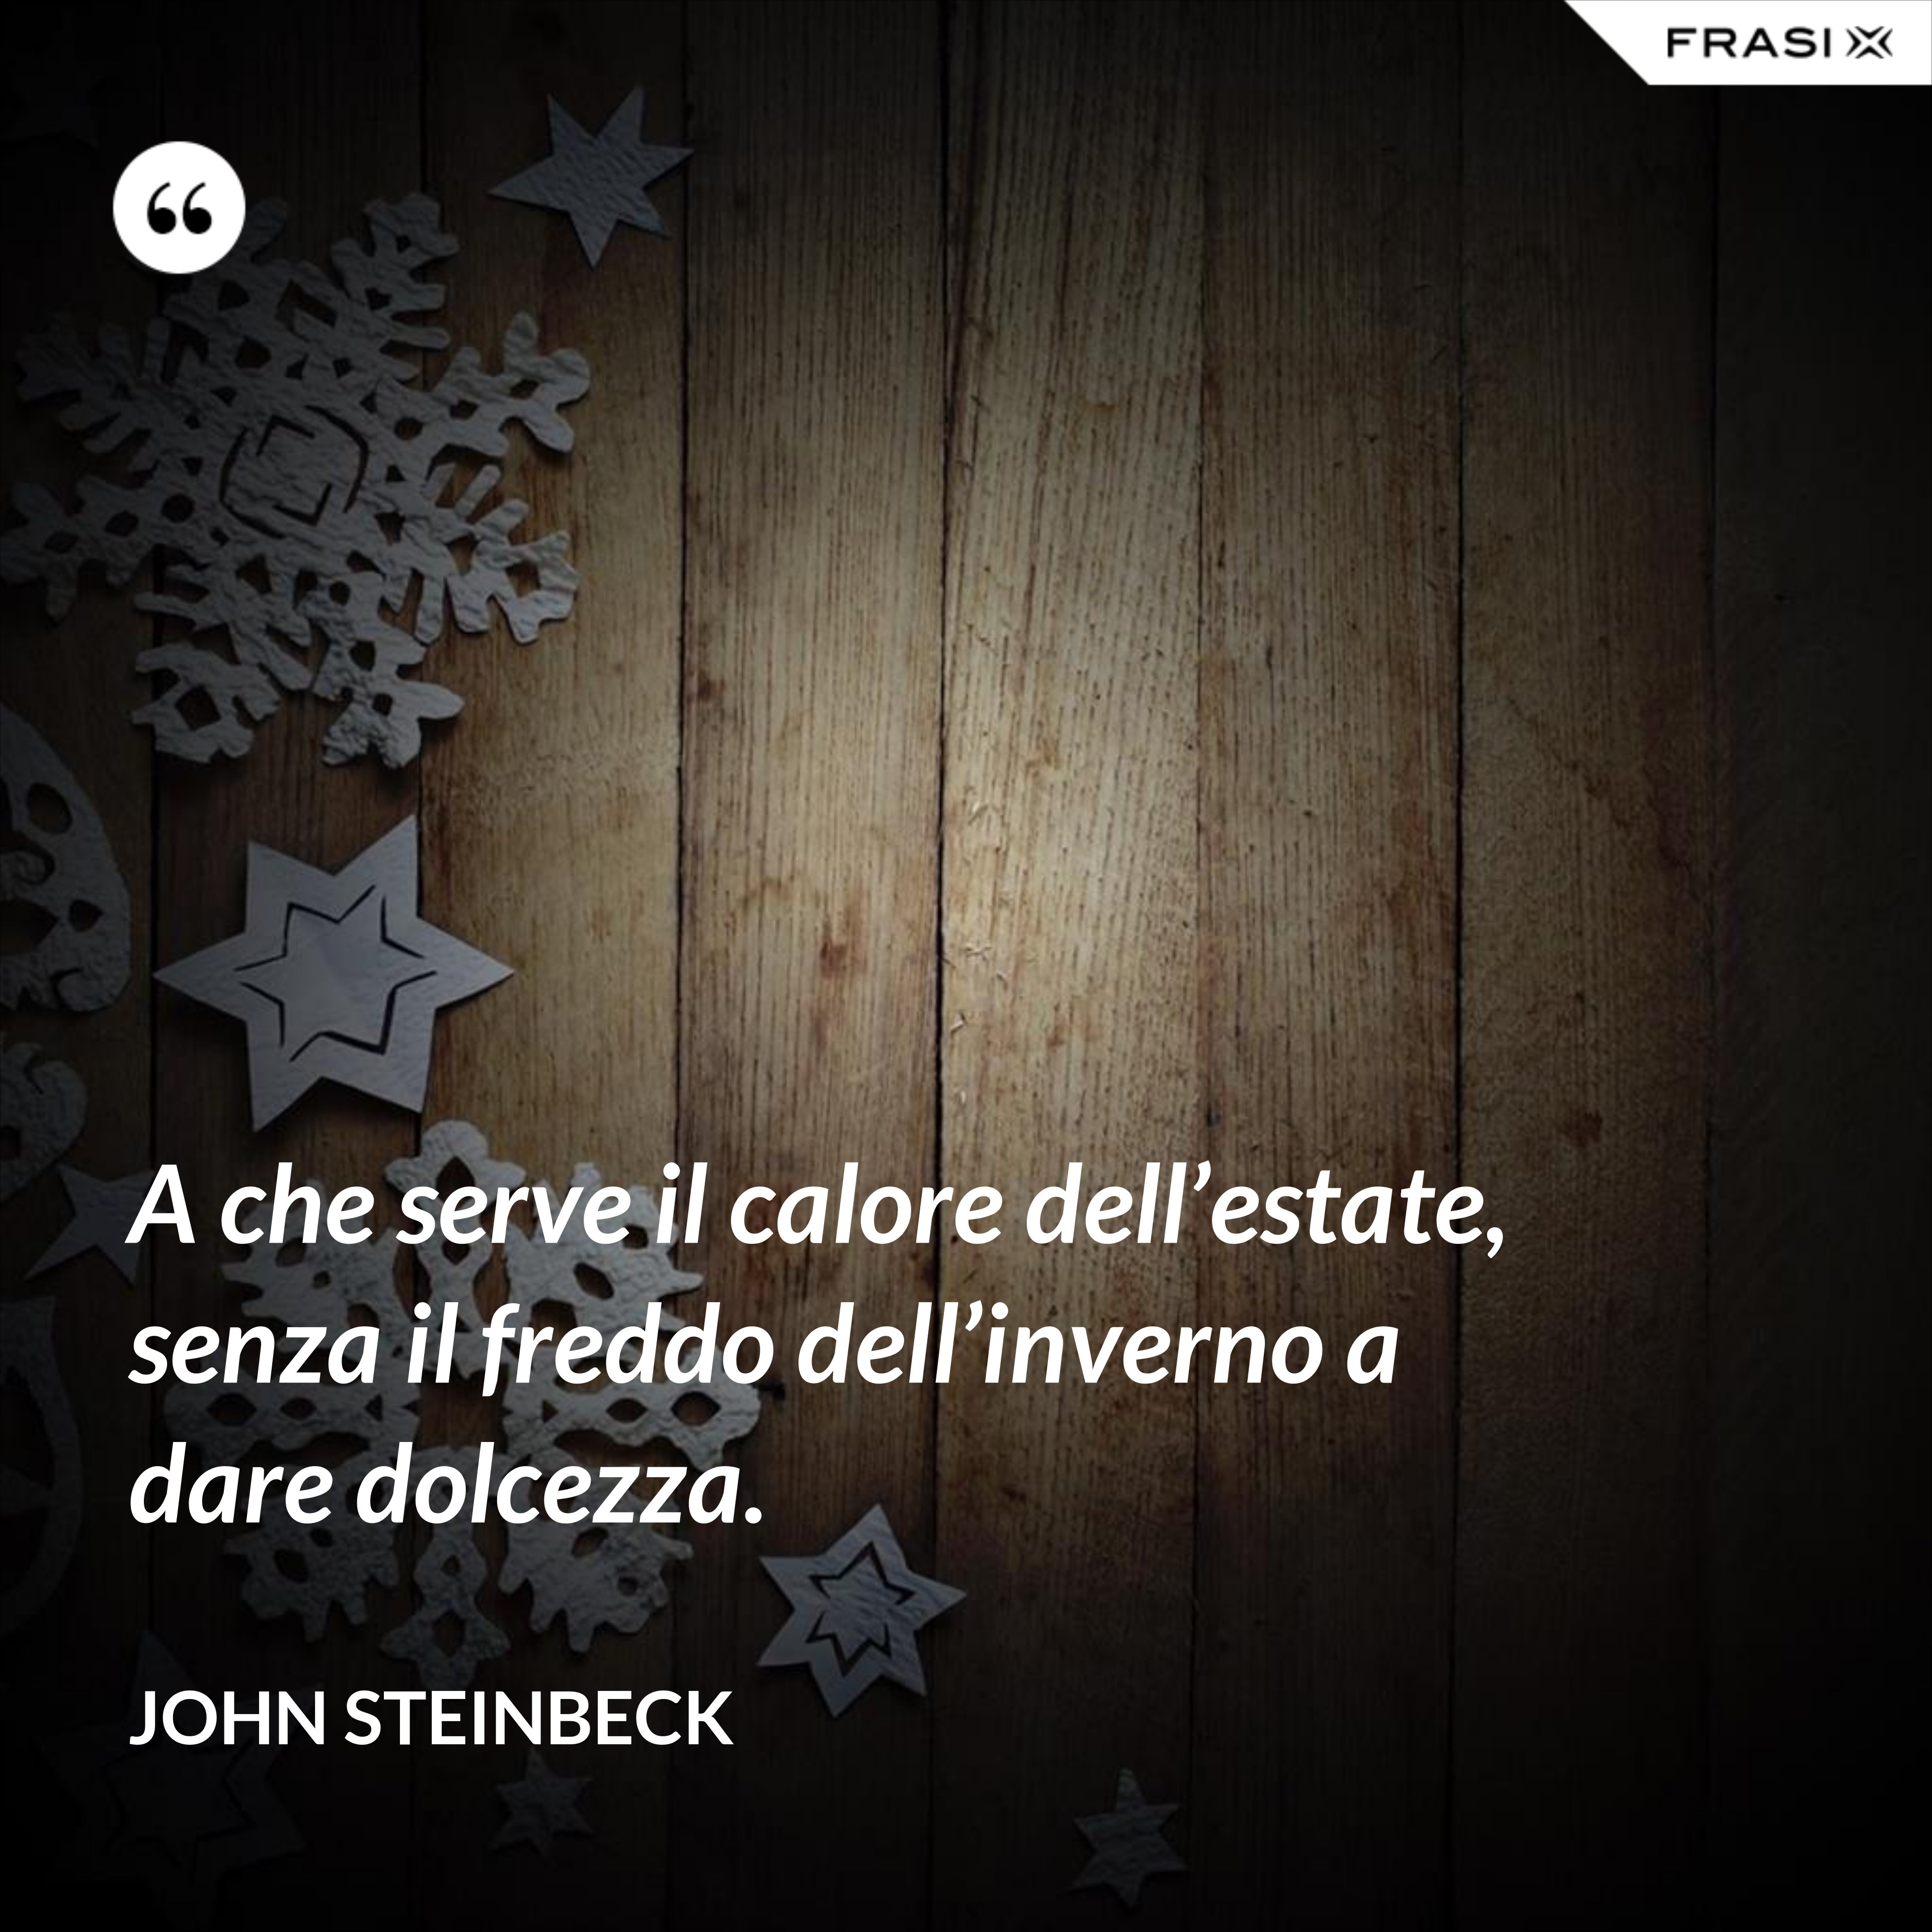 A che serve il calore dell'estate, senza il freddo dell'inverno a dare dolcezza. - John Steinbeck